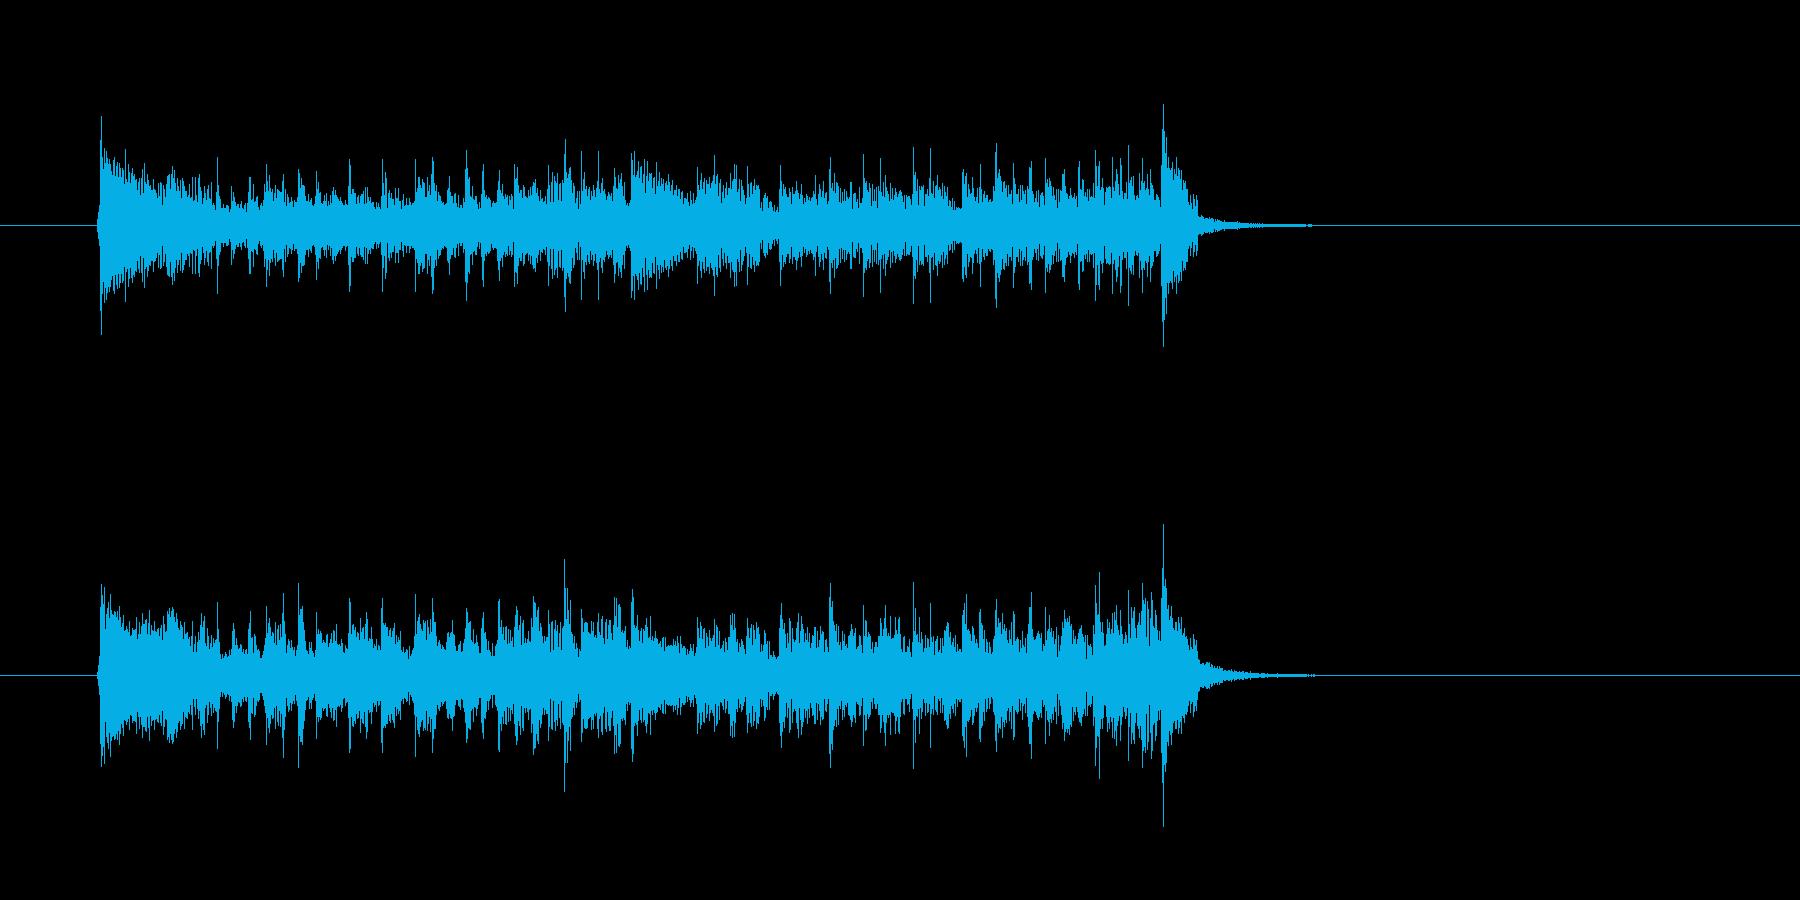 クール ベース シンセサイザーの再生済みの波形